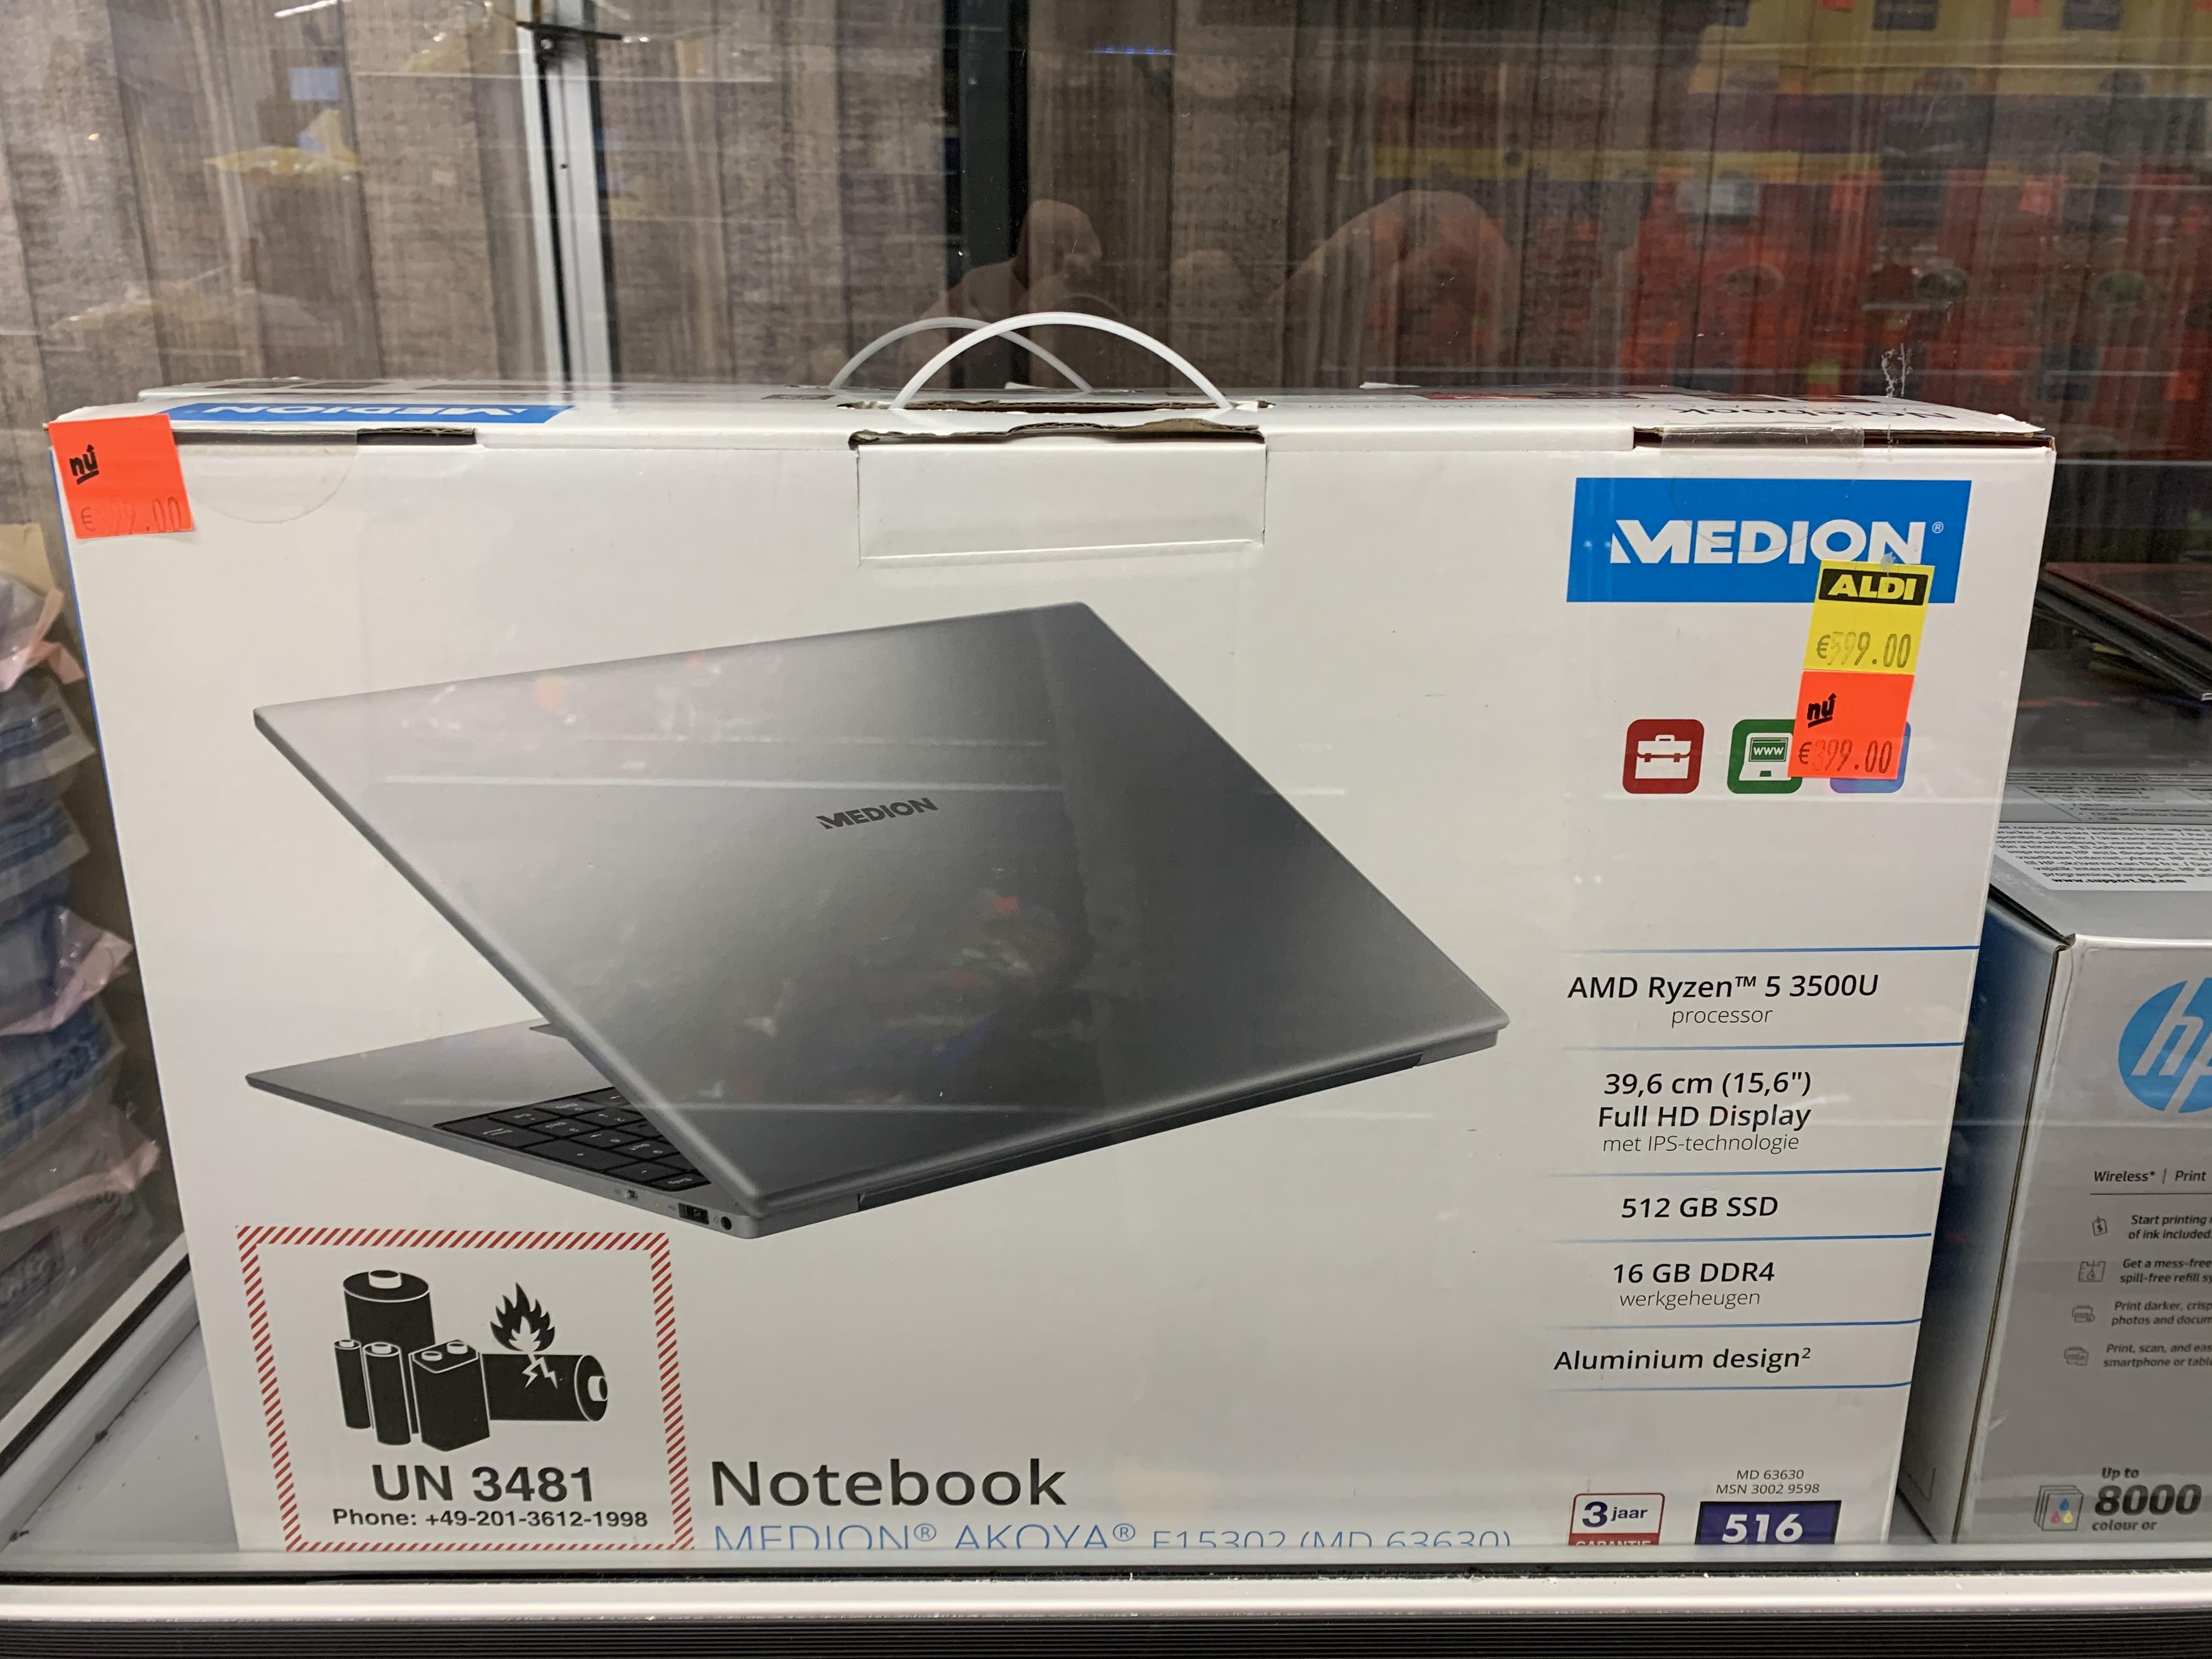 [Sint-Michielsgestel] Medion E15302 16GB RAM 512GB SSD Ryzen 5 3500U @Aldi